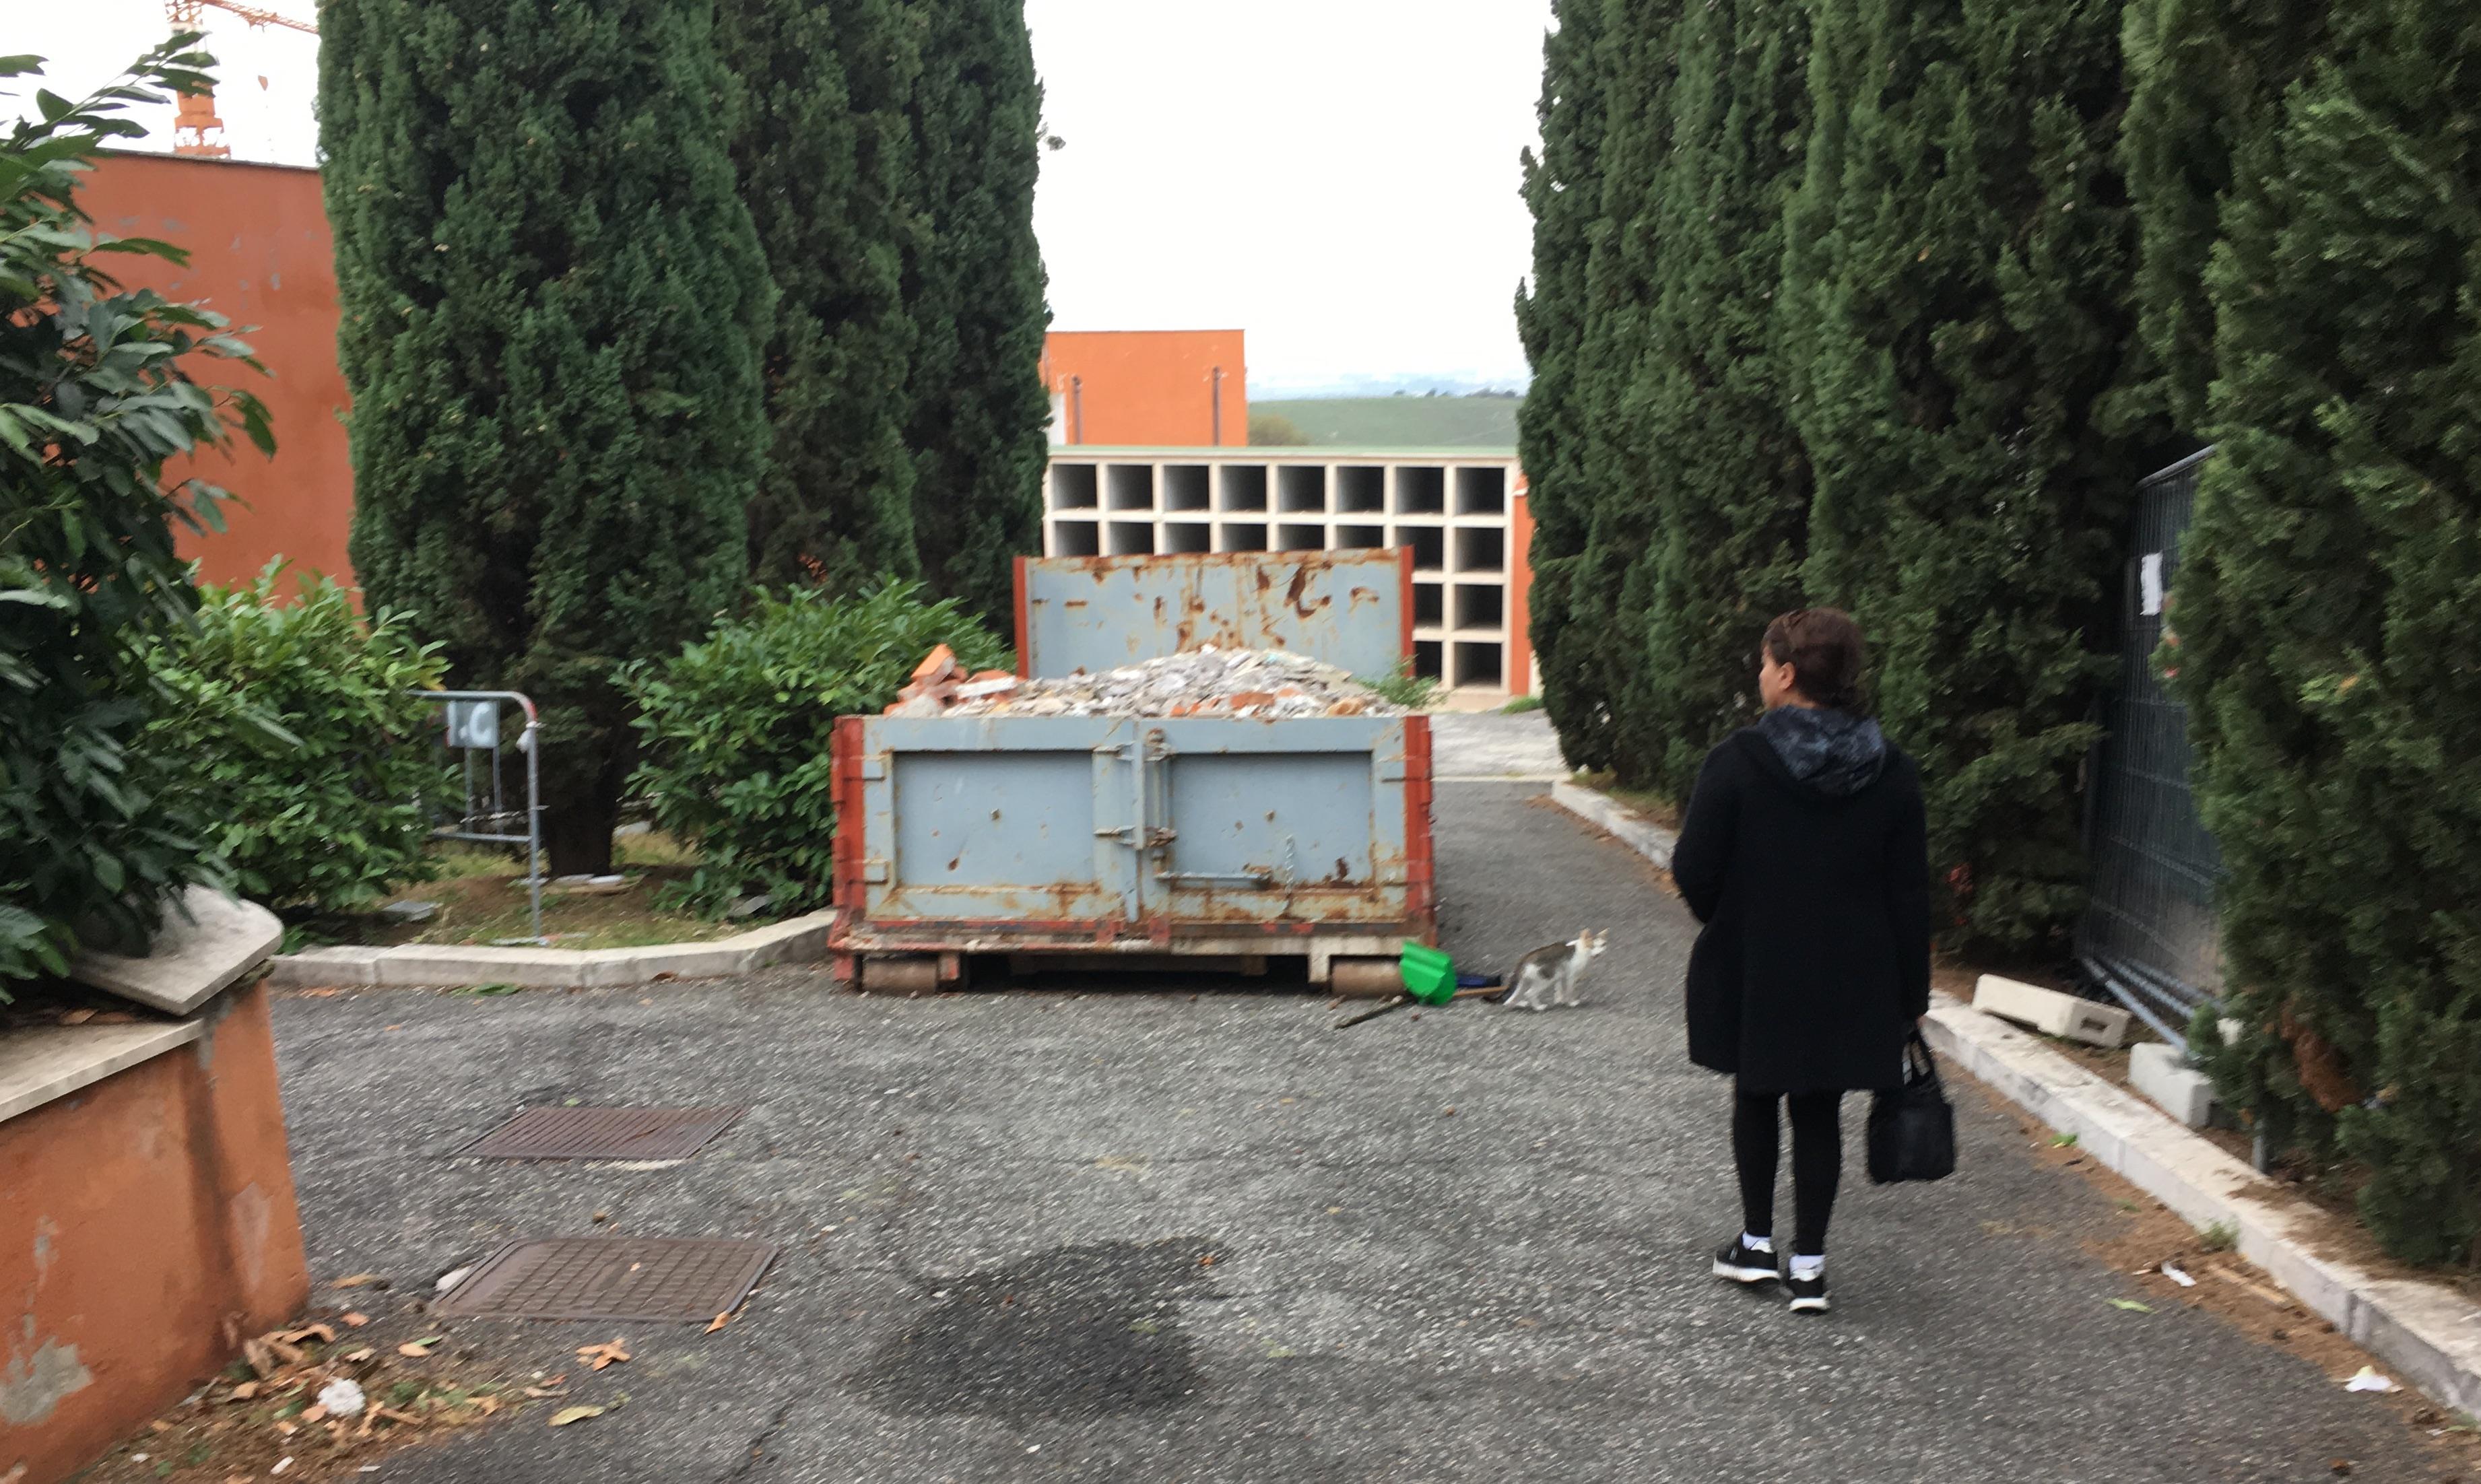 Scontro sul cimitero, atto bomba del commissario: senza lavori, niente gestione a Morasca. I progetti poi non tornano, accordo economico da rivedere